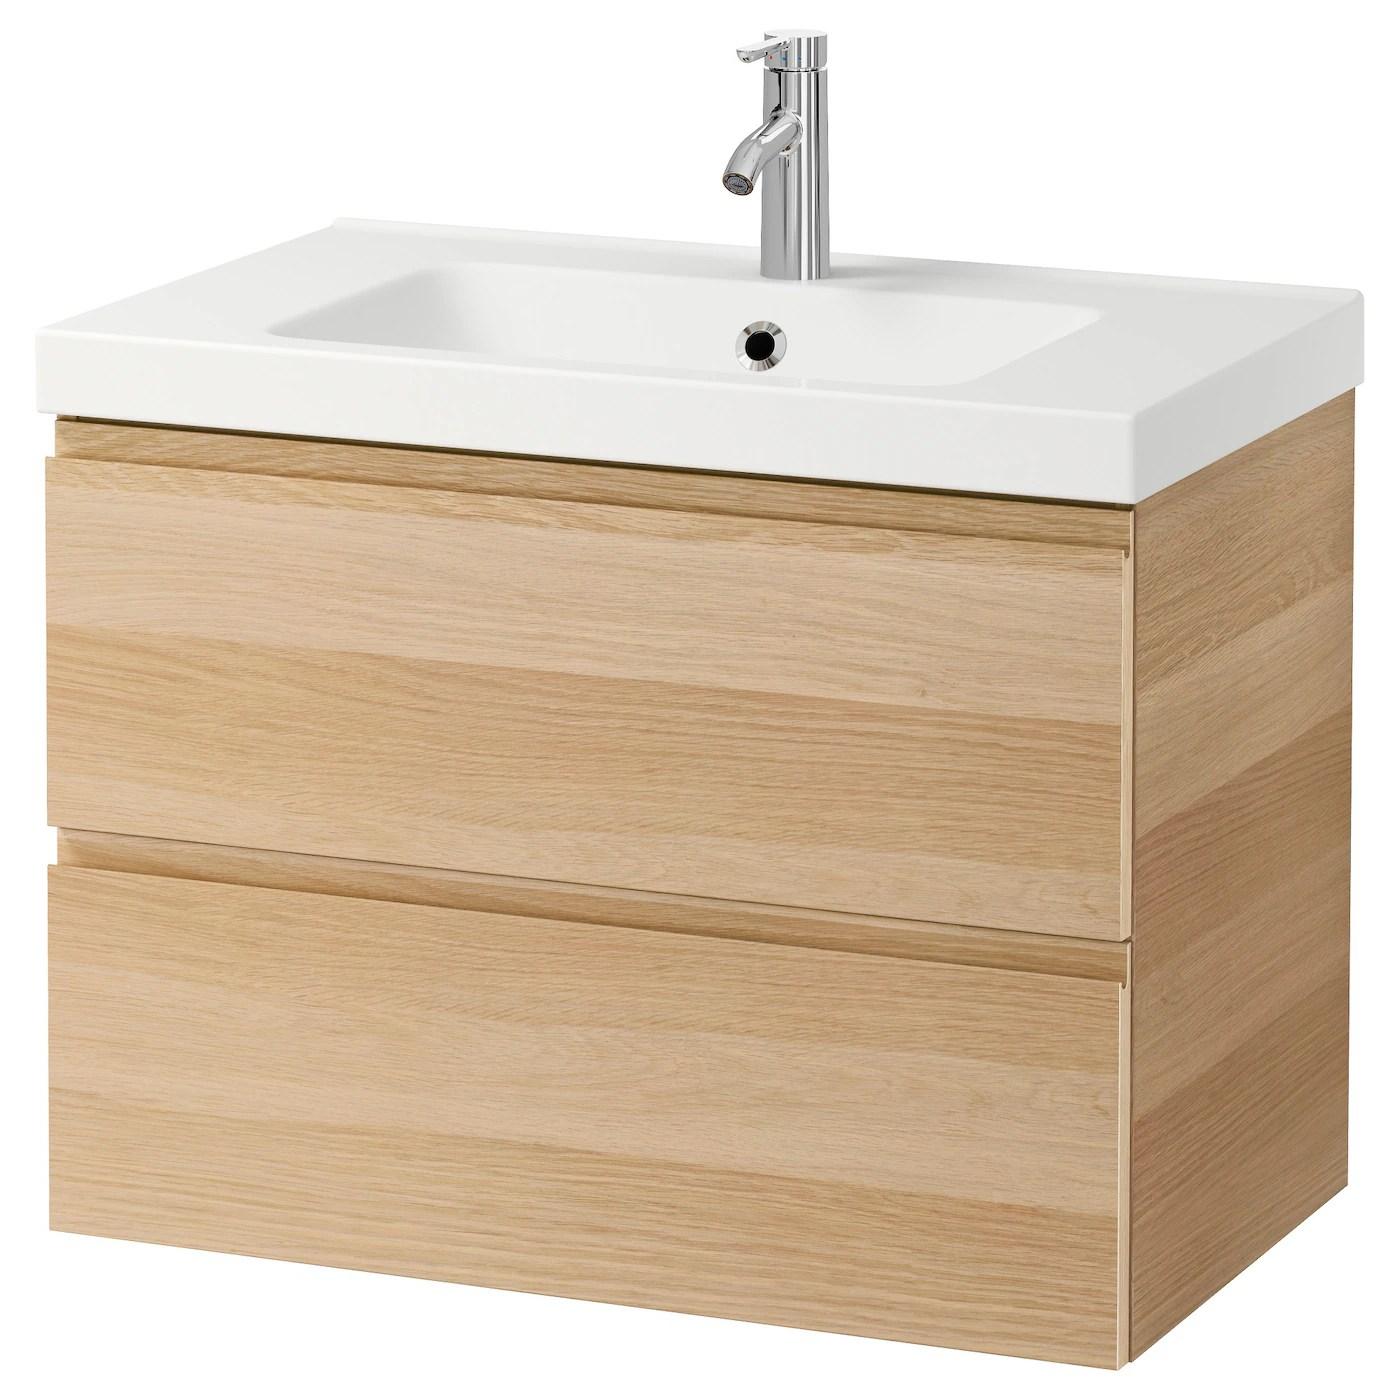 Tante novità a disposizione dei clienti, mobili e accessori per il bagno: Toeletta Con Lavabo Ikea It